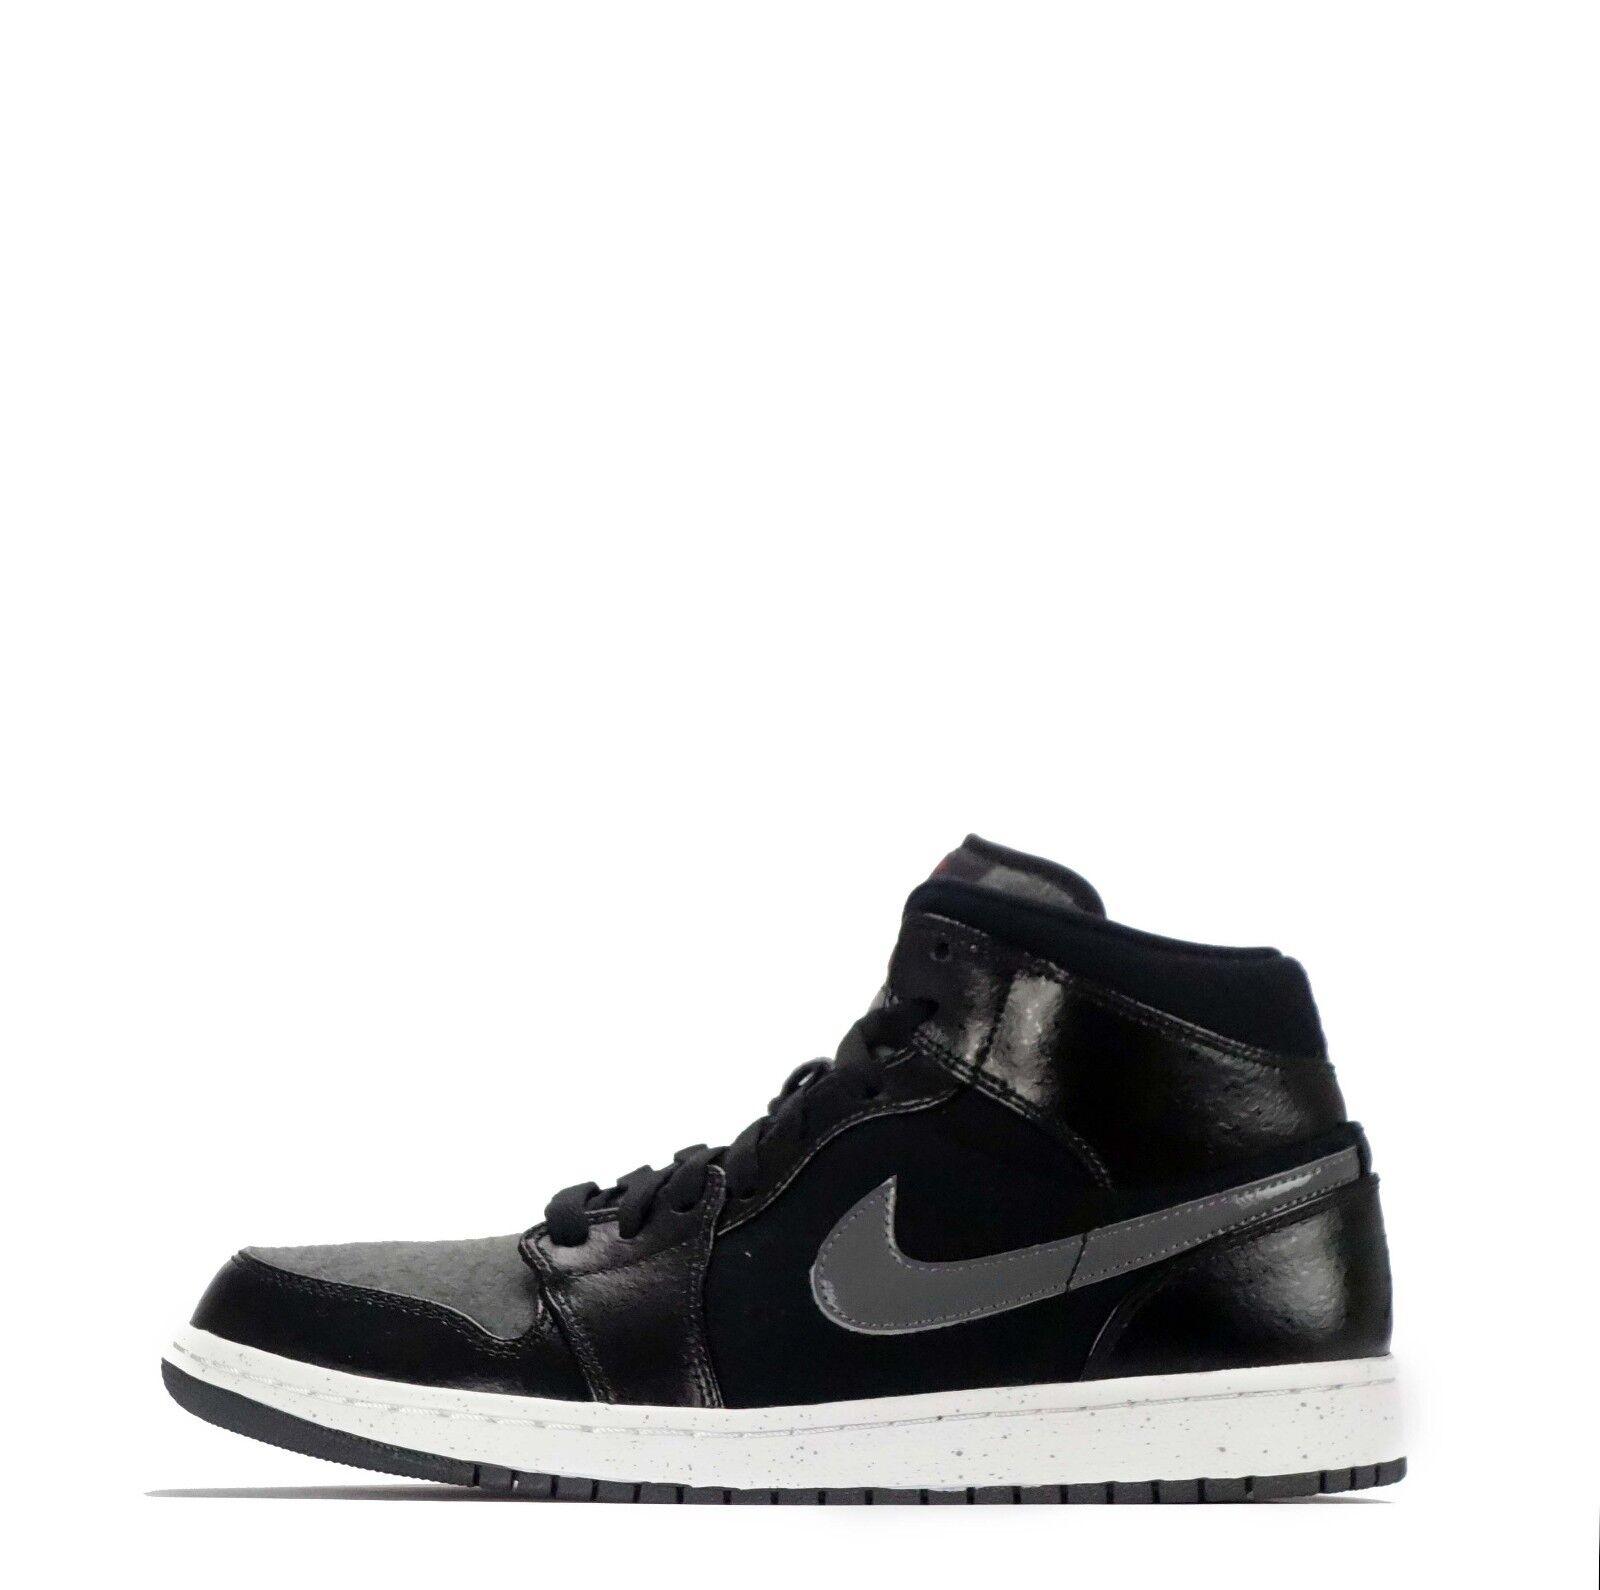 Nike Air Jordan 1 MID PREMIUM HERREN SCHUHE SCHWARZ/Turnhalle rot